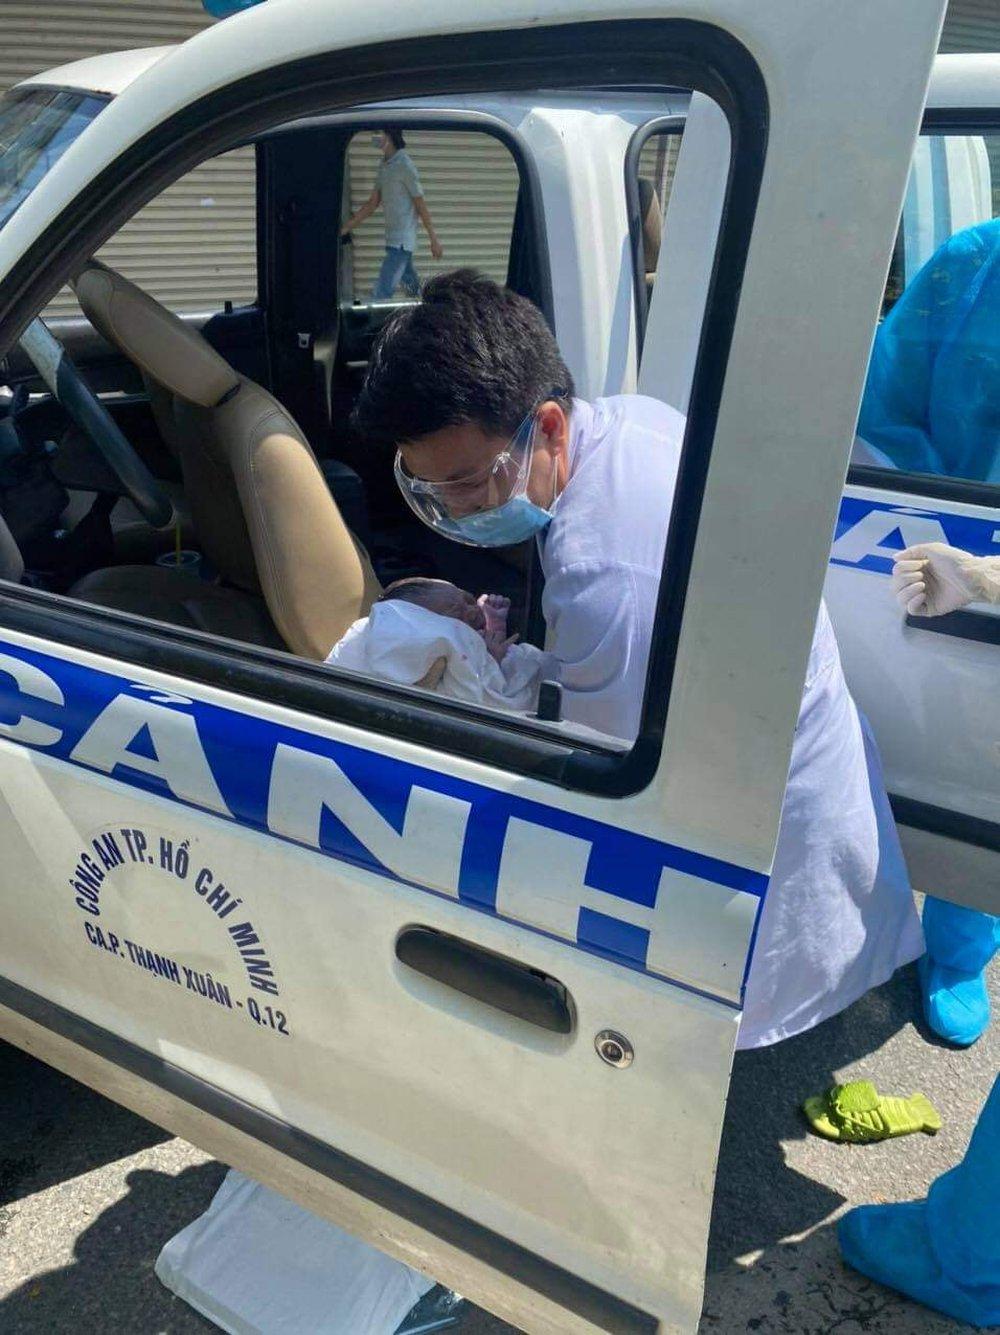 5 phút sau khi bị phòng khám từ chối, người phụ nữ sinh con ngay trên xe cảnh sát  - Ảnh 2.